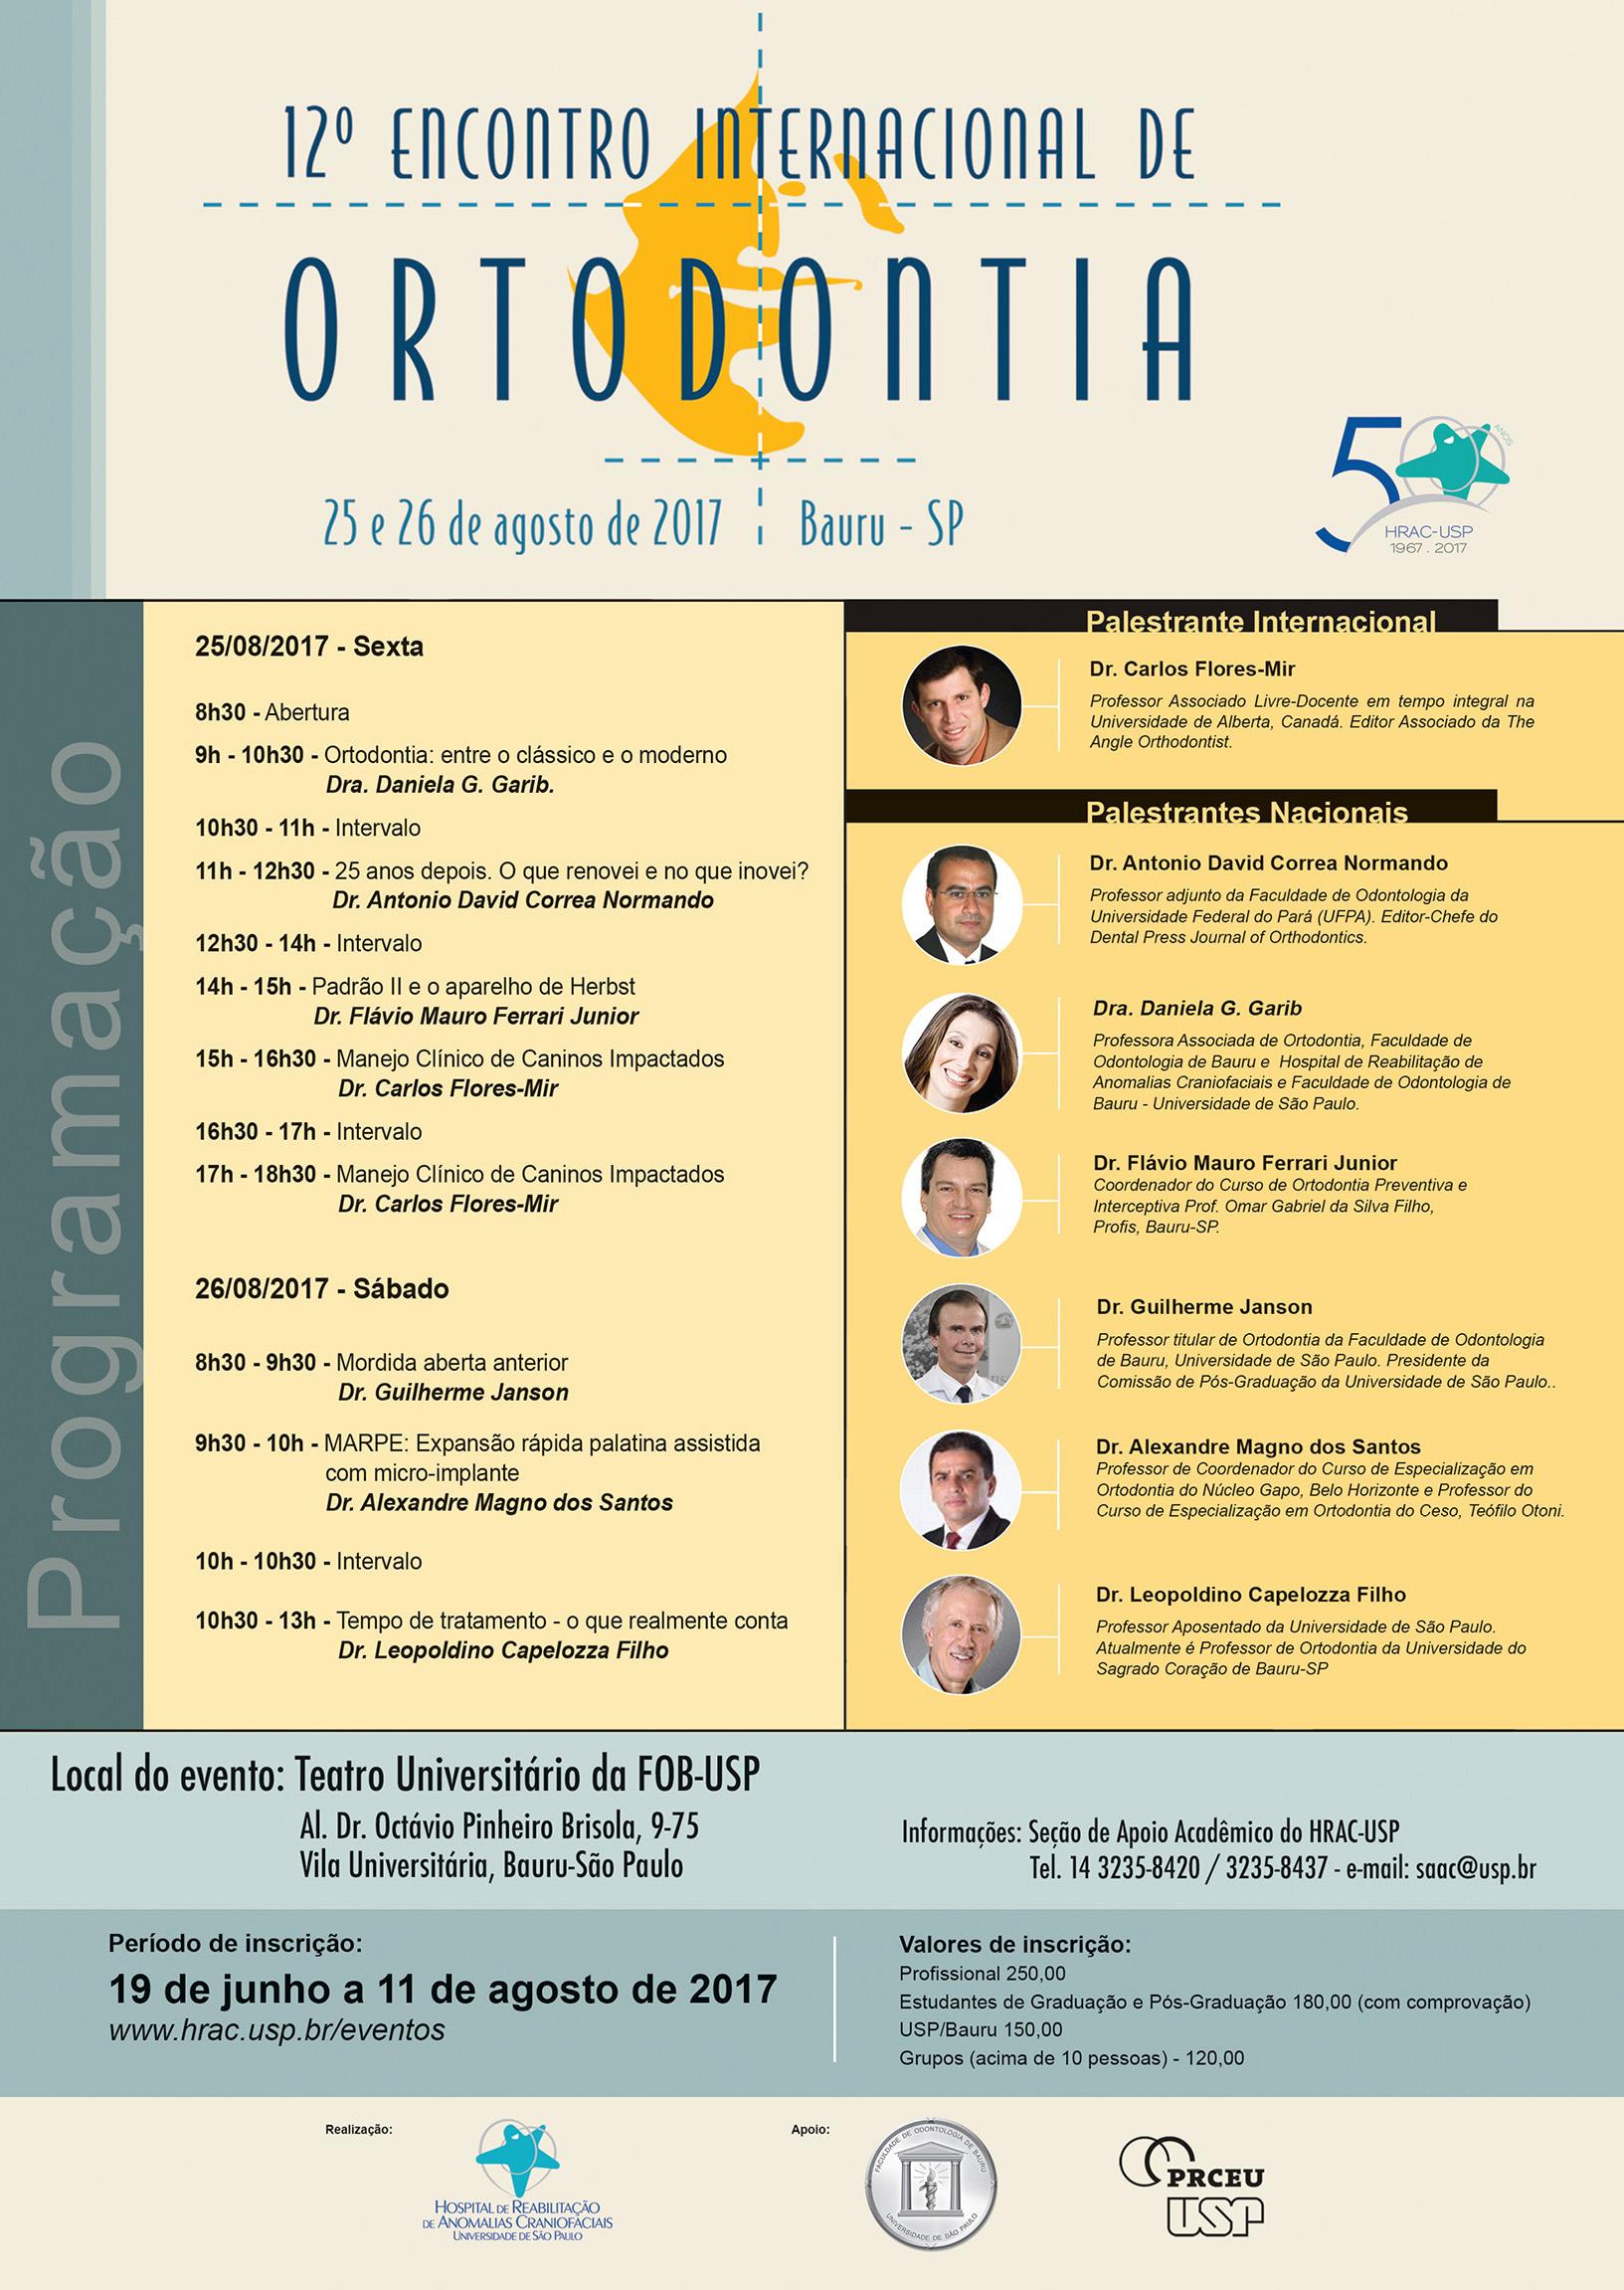 Programação da décima-segunda edição do Encontro Internacional de Ortodontia do HRAC-USP Bauru: dias 25 e 26 de agosto de 2017, no Campus USP Bauru.